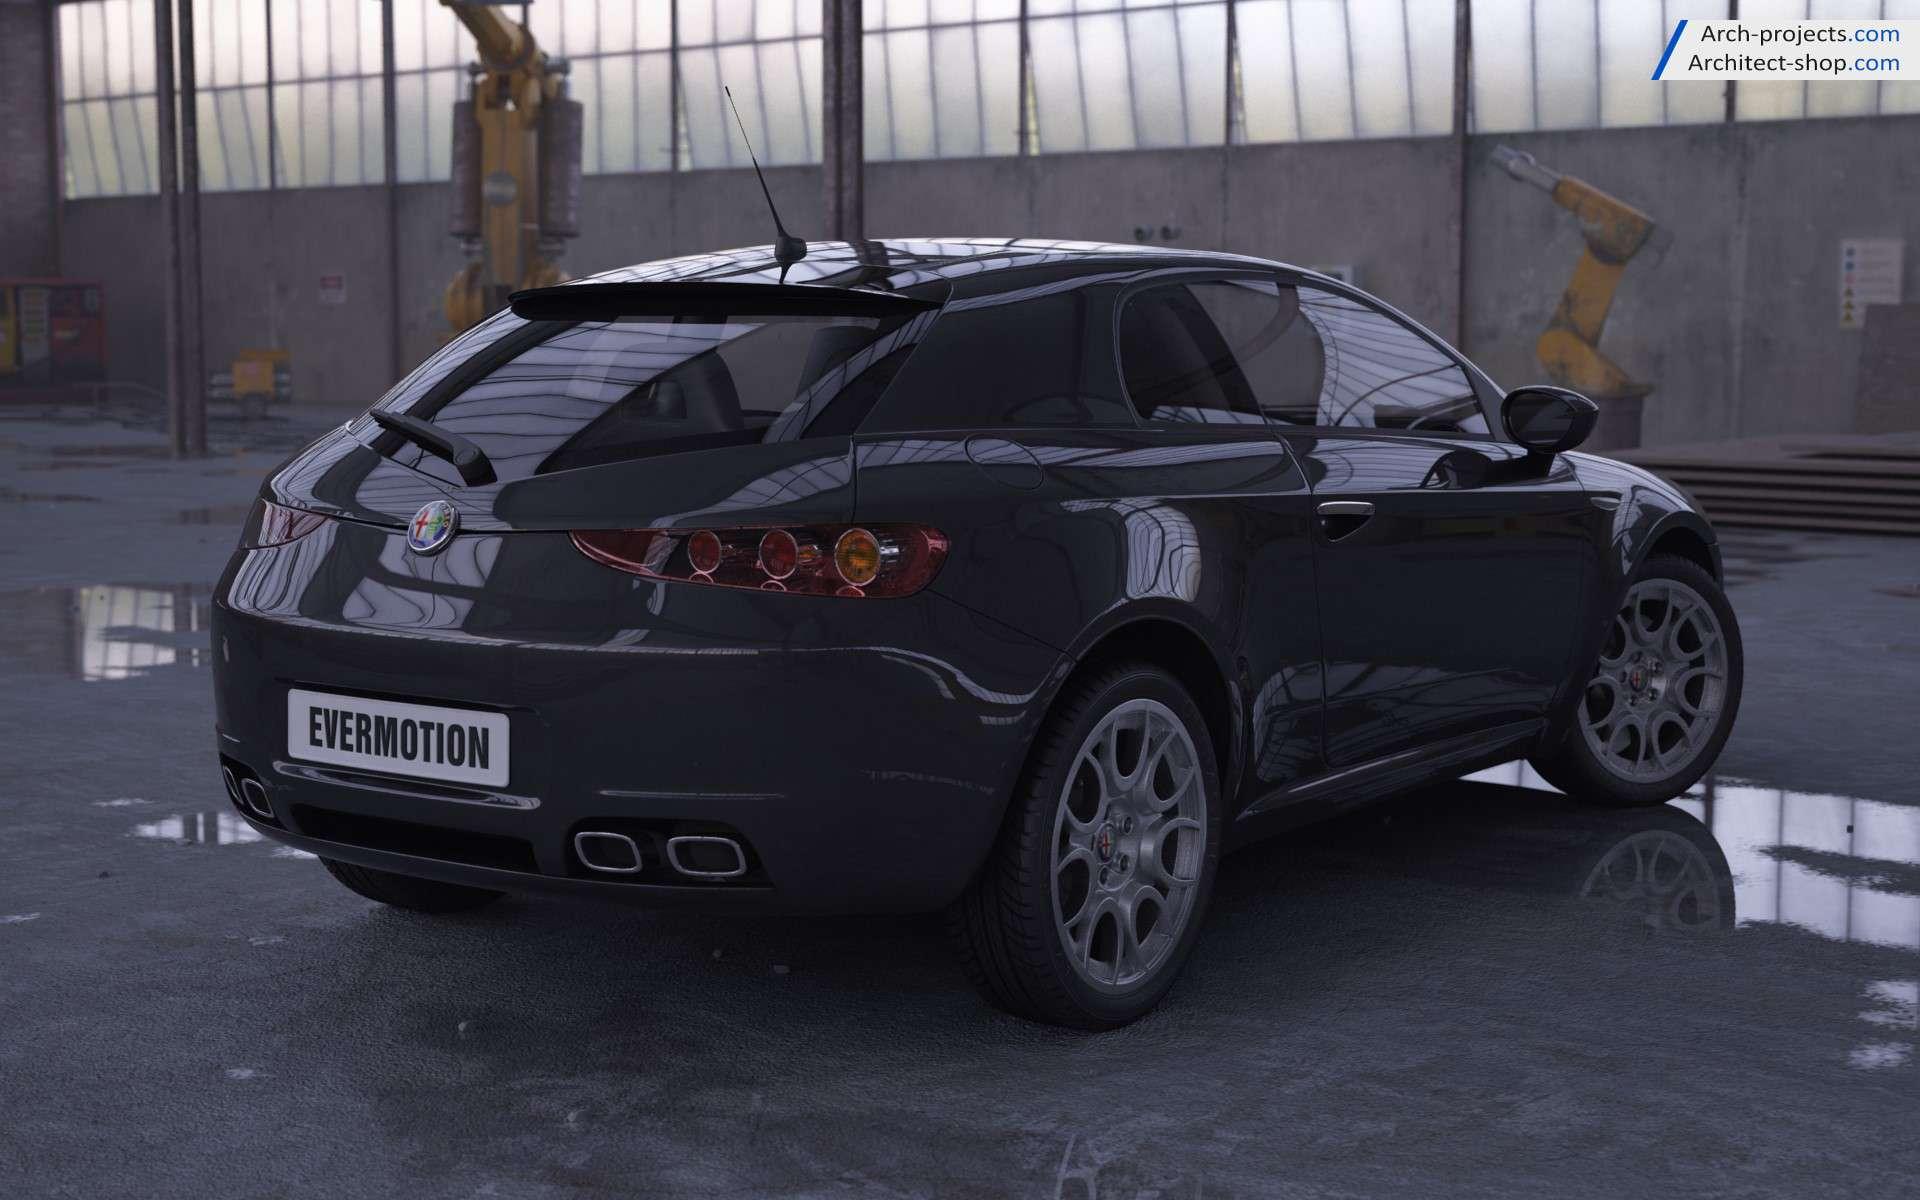 مدل سه بعدی ماشین شاسی بلند